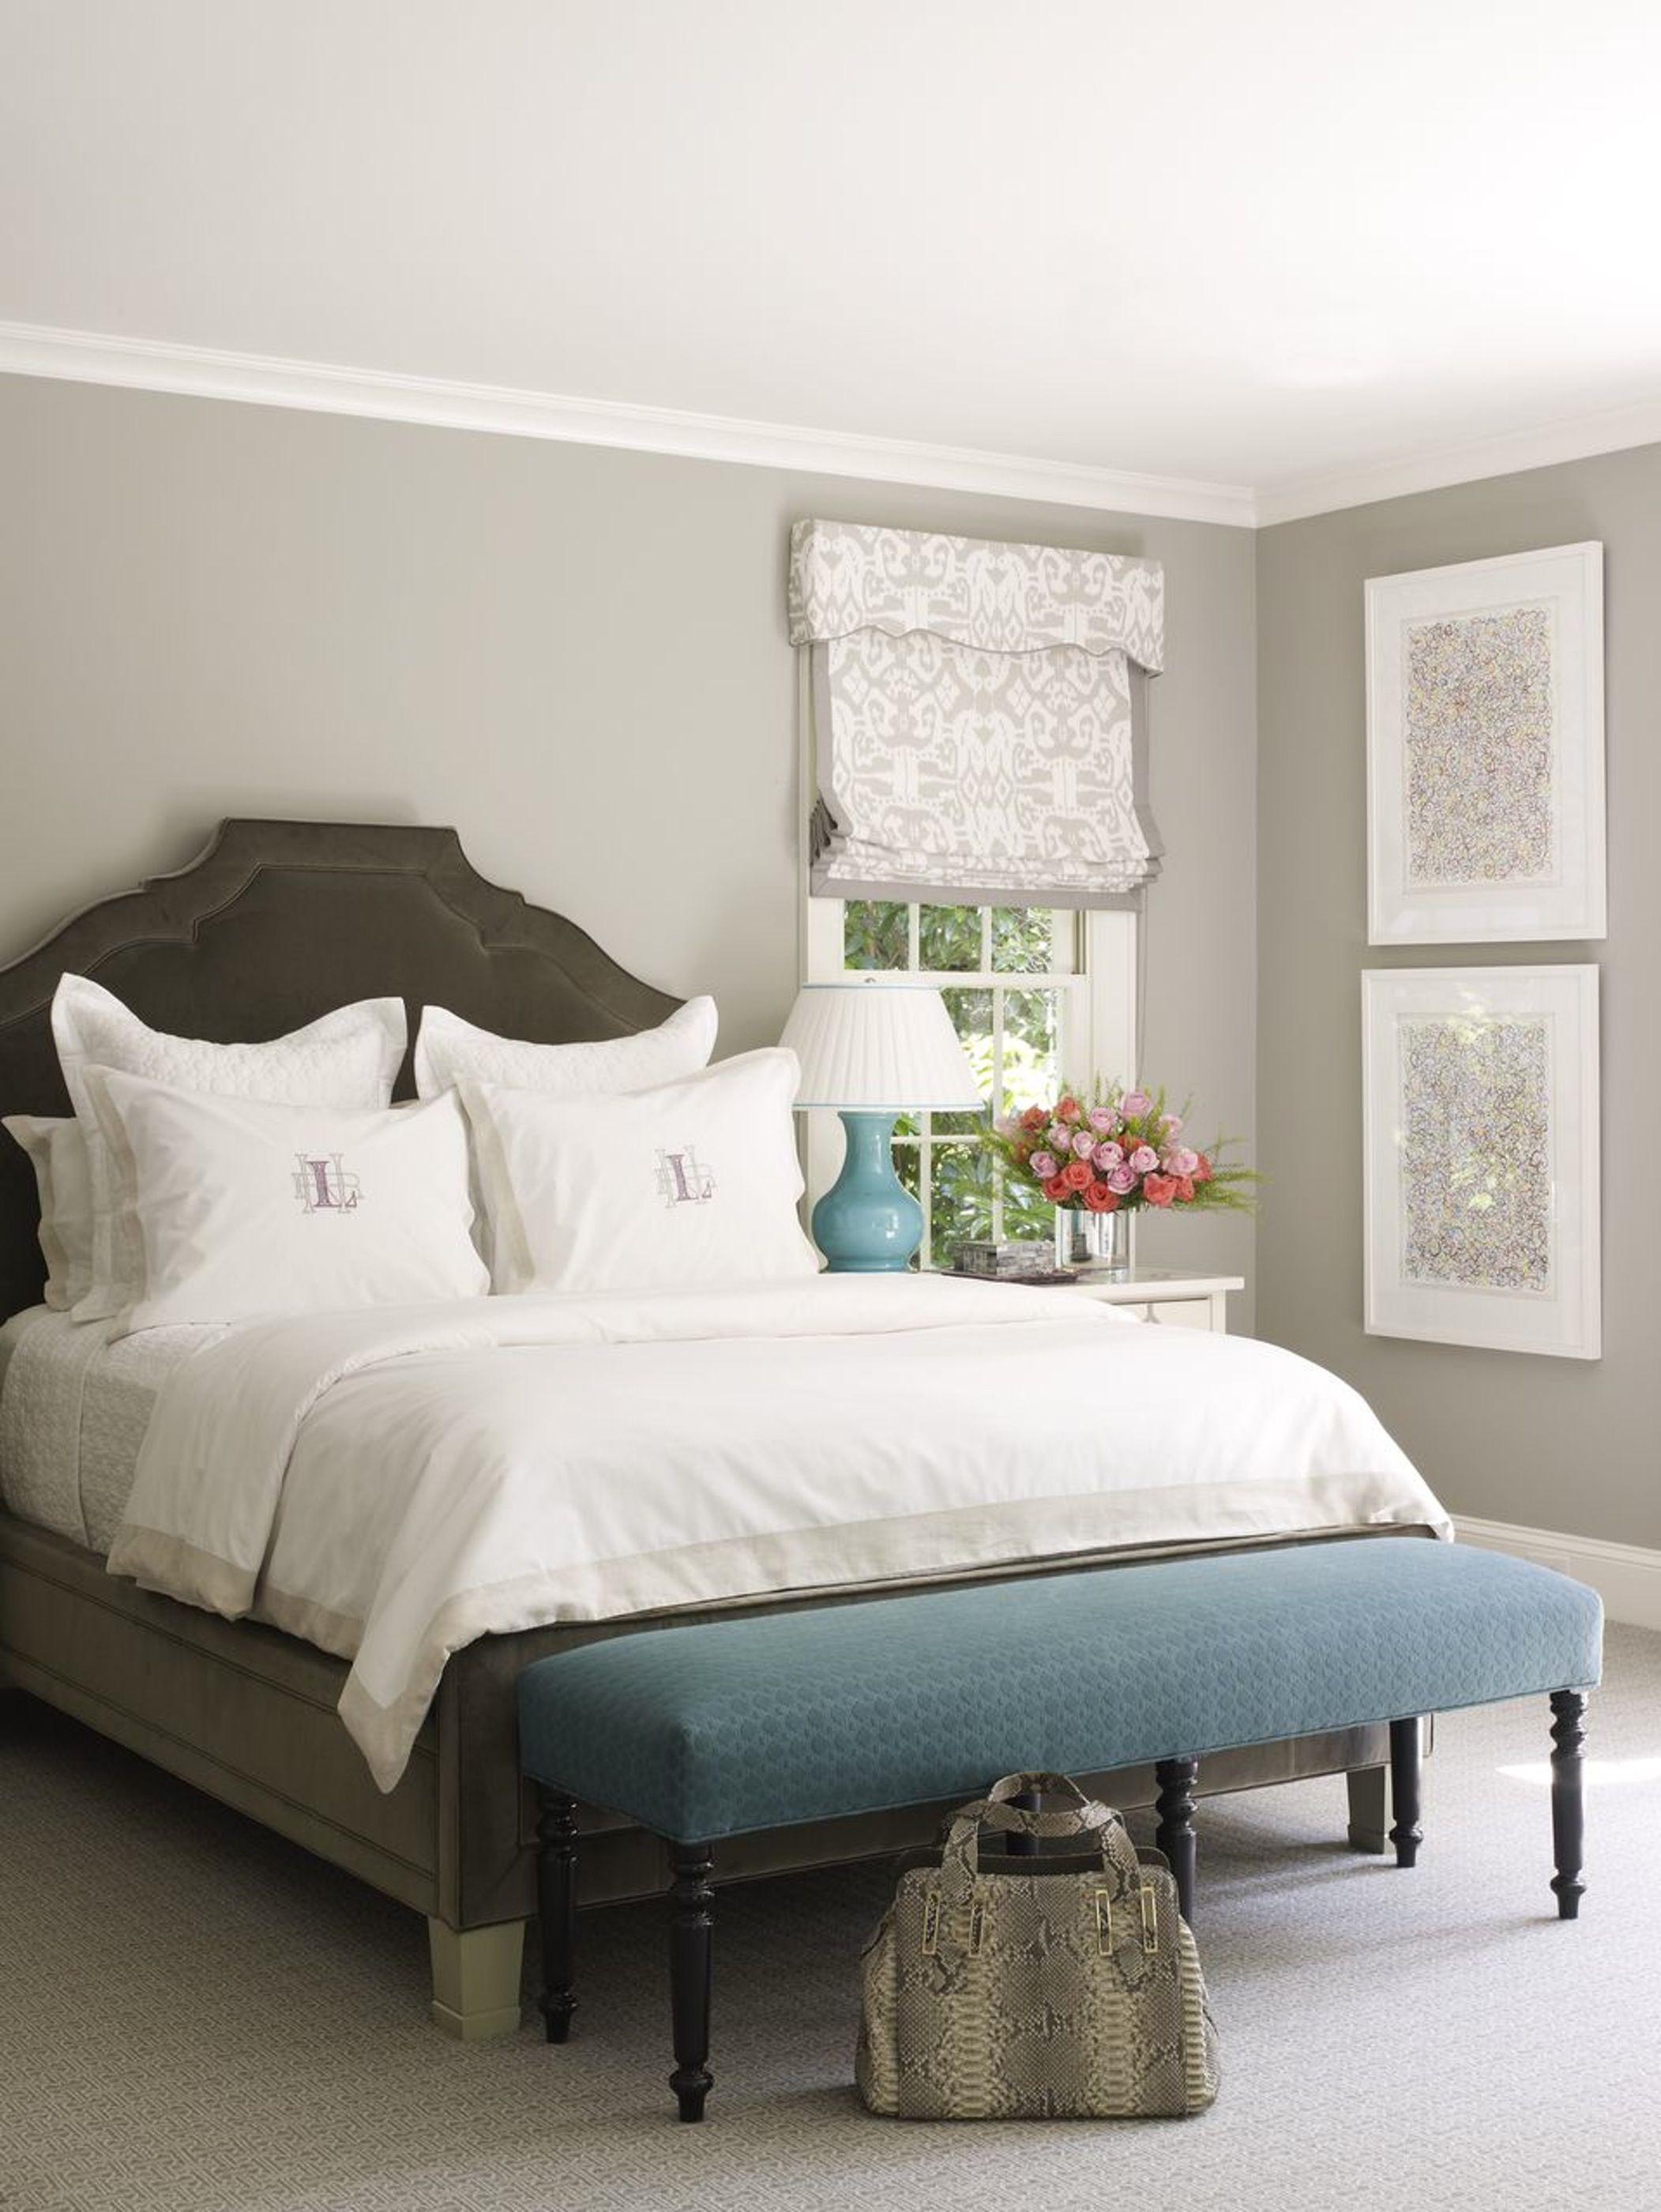 By Lindsey Coral Harper Interior Design